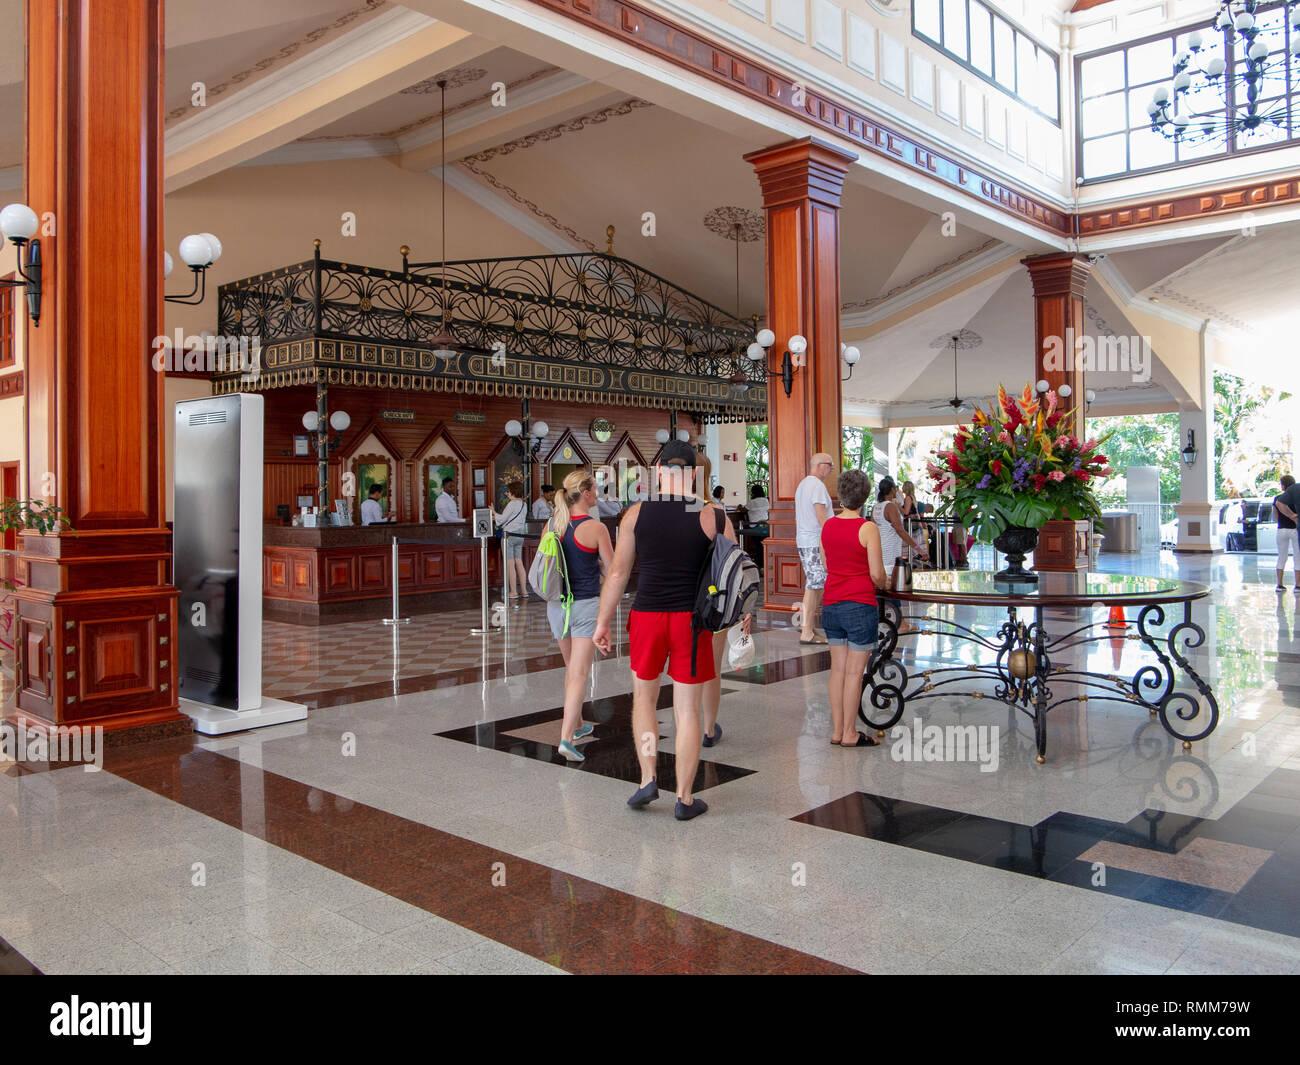 Ocho Rios Jamaica -1 February 2019: Lobby of large Caribbean resort hotel - Stock Image